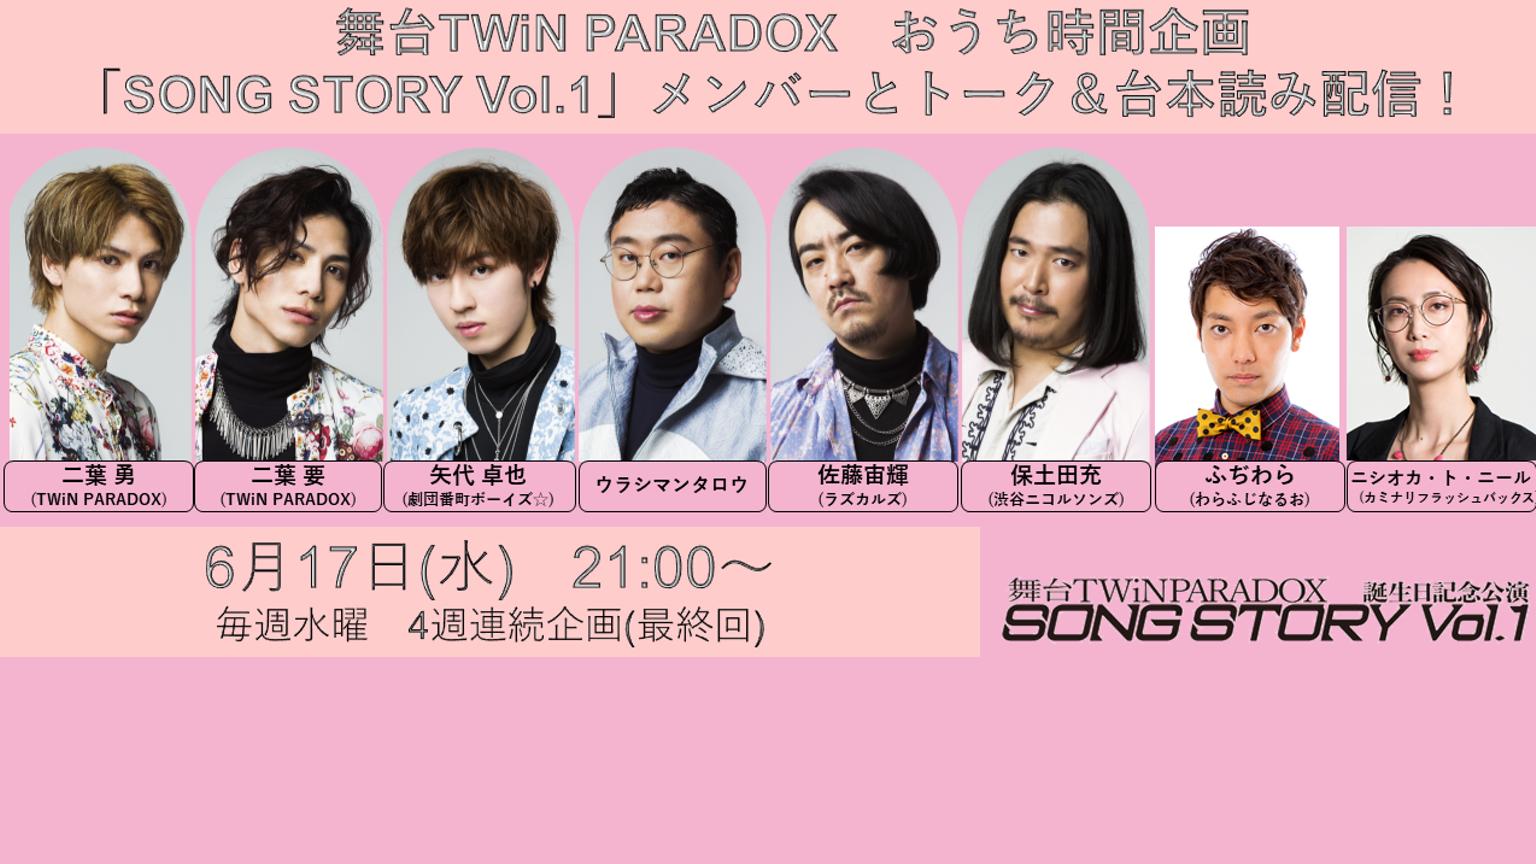 【第四回】舞台TWiN PARADOXおうち時間企画